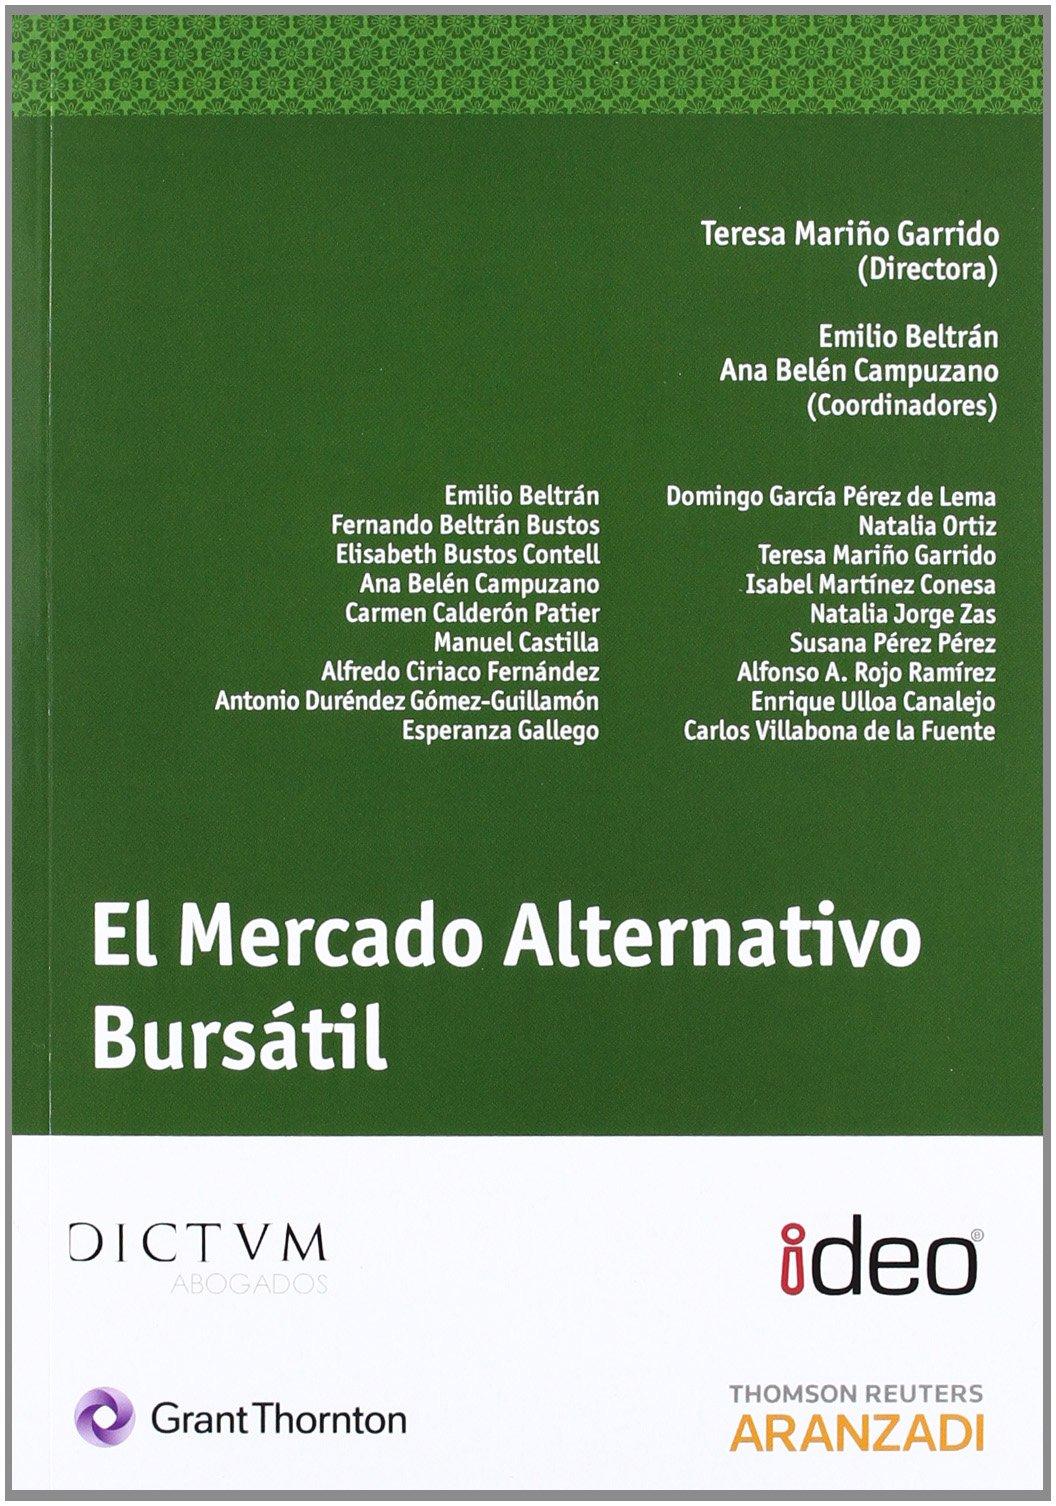 El mercado alternativo bursátil (Monografía): Amazon.es: Emilio M. Beltrán Sánchez., Ana Belén Campuzano Laguillo, Teresa Mariño Garrido: Libros